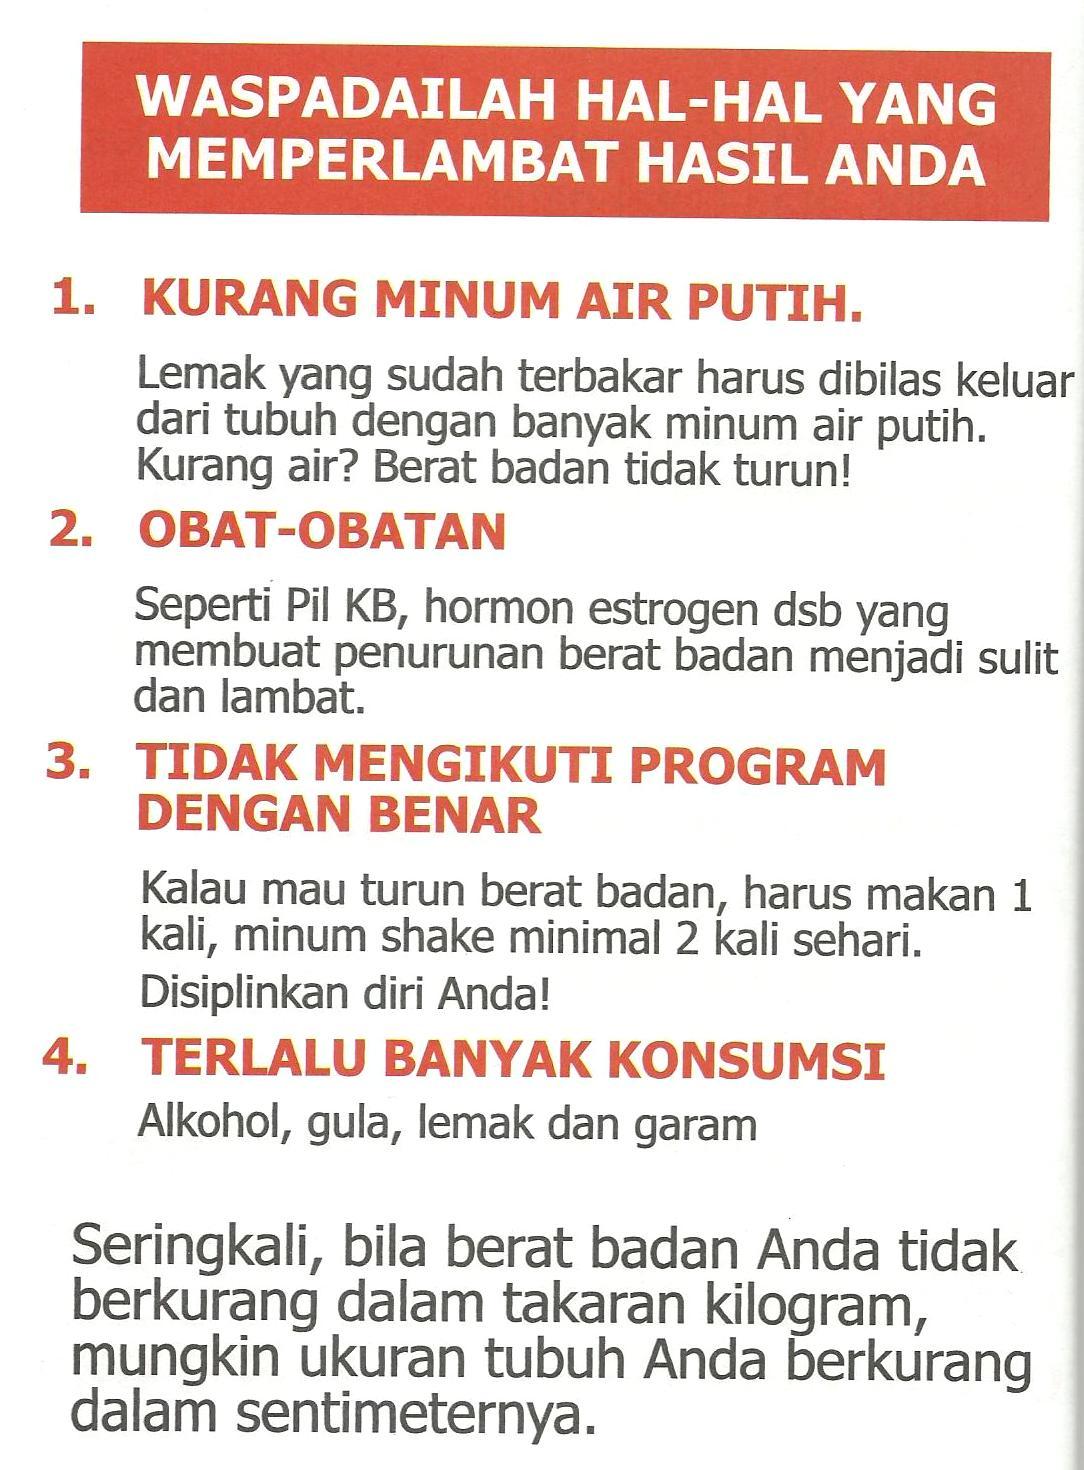 Kesehatan   Harta yang paling berharga  Februari 2012 493893eeae